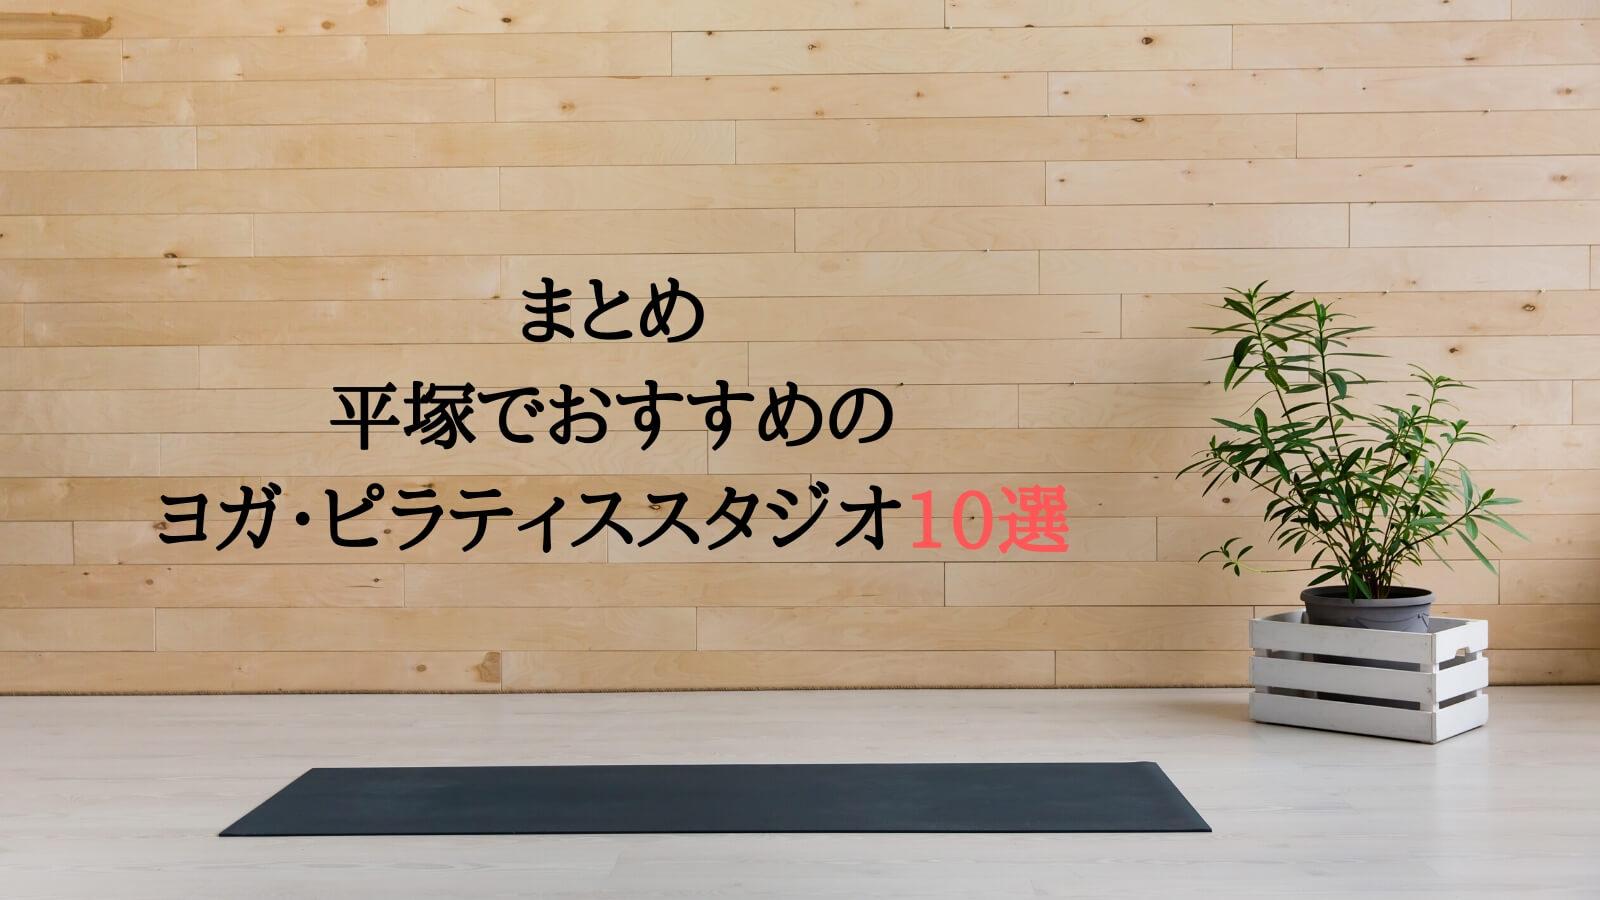 まとめ:平塚市でおすすめのヨガ・ピラティススタジオ10選